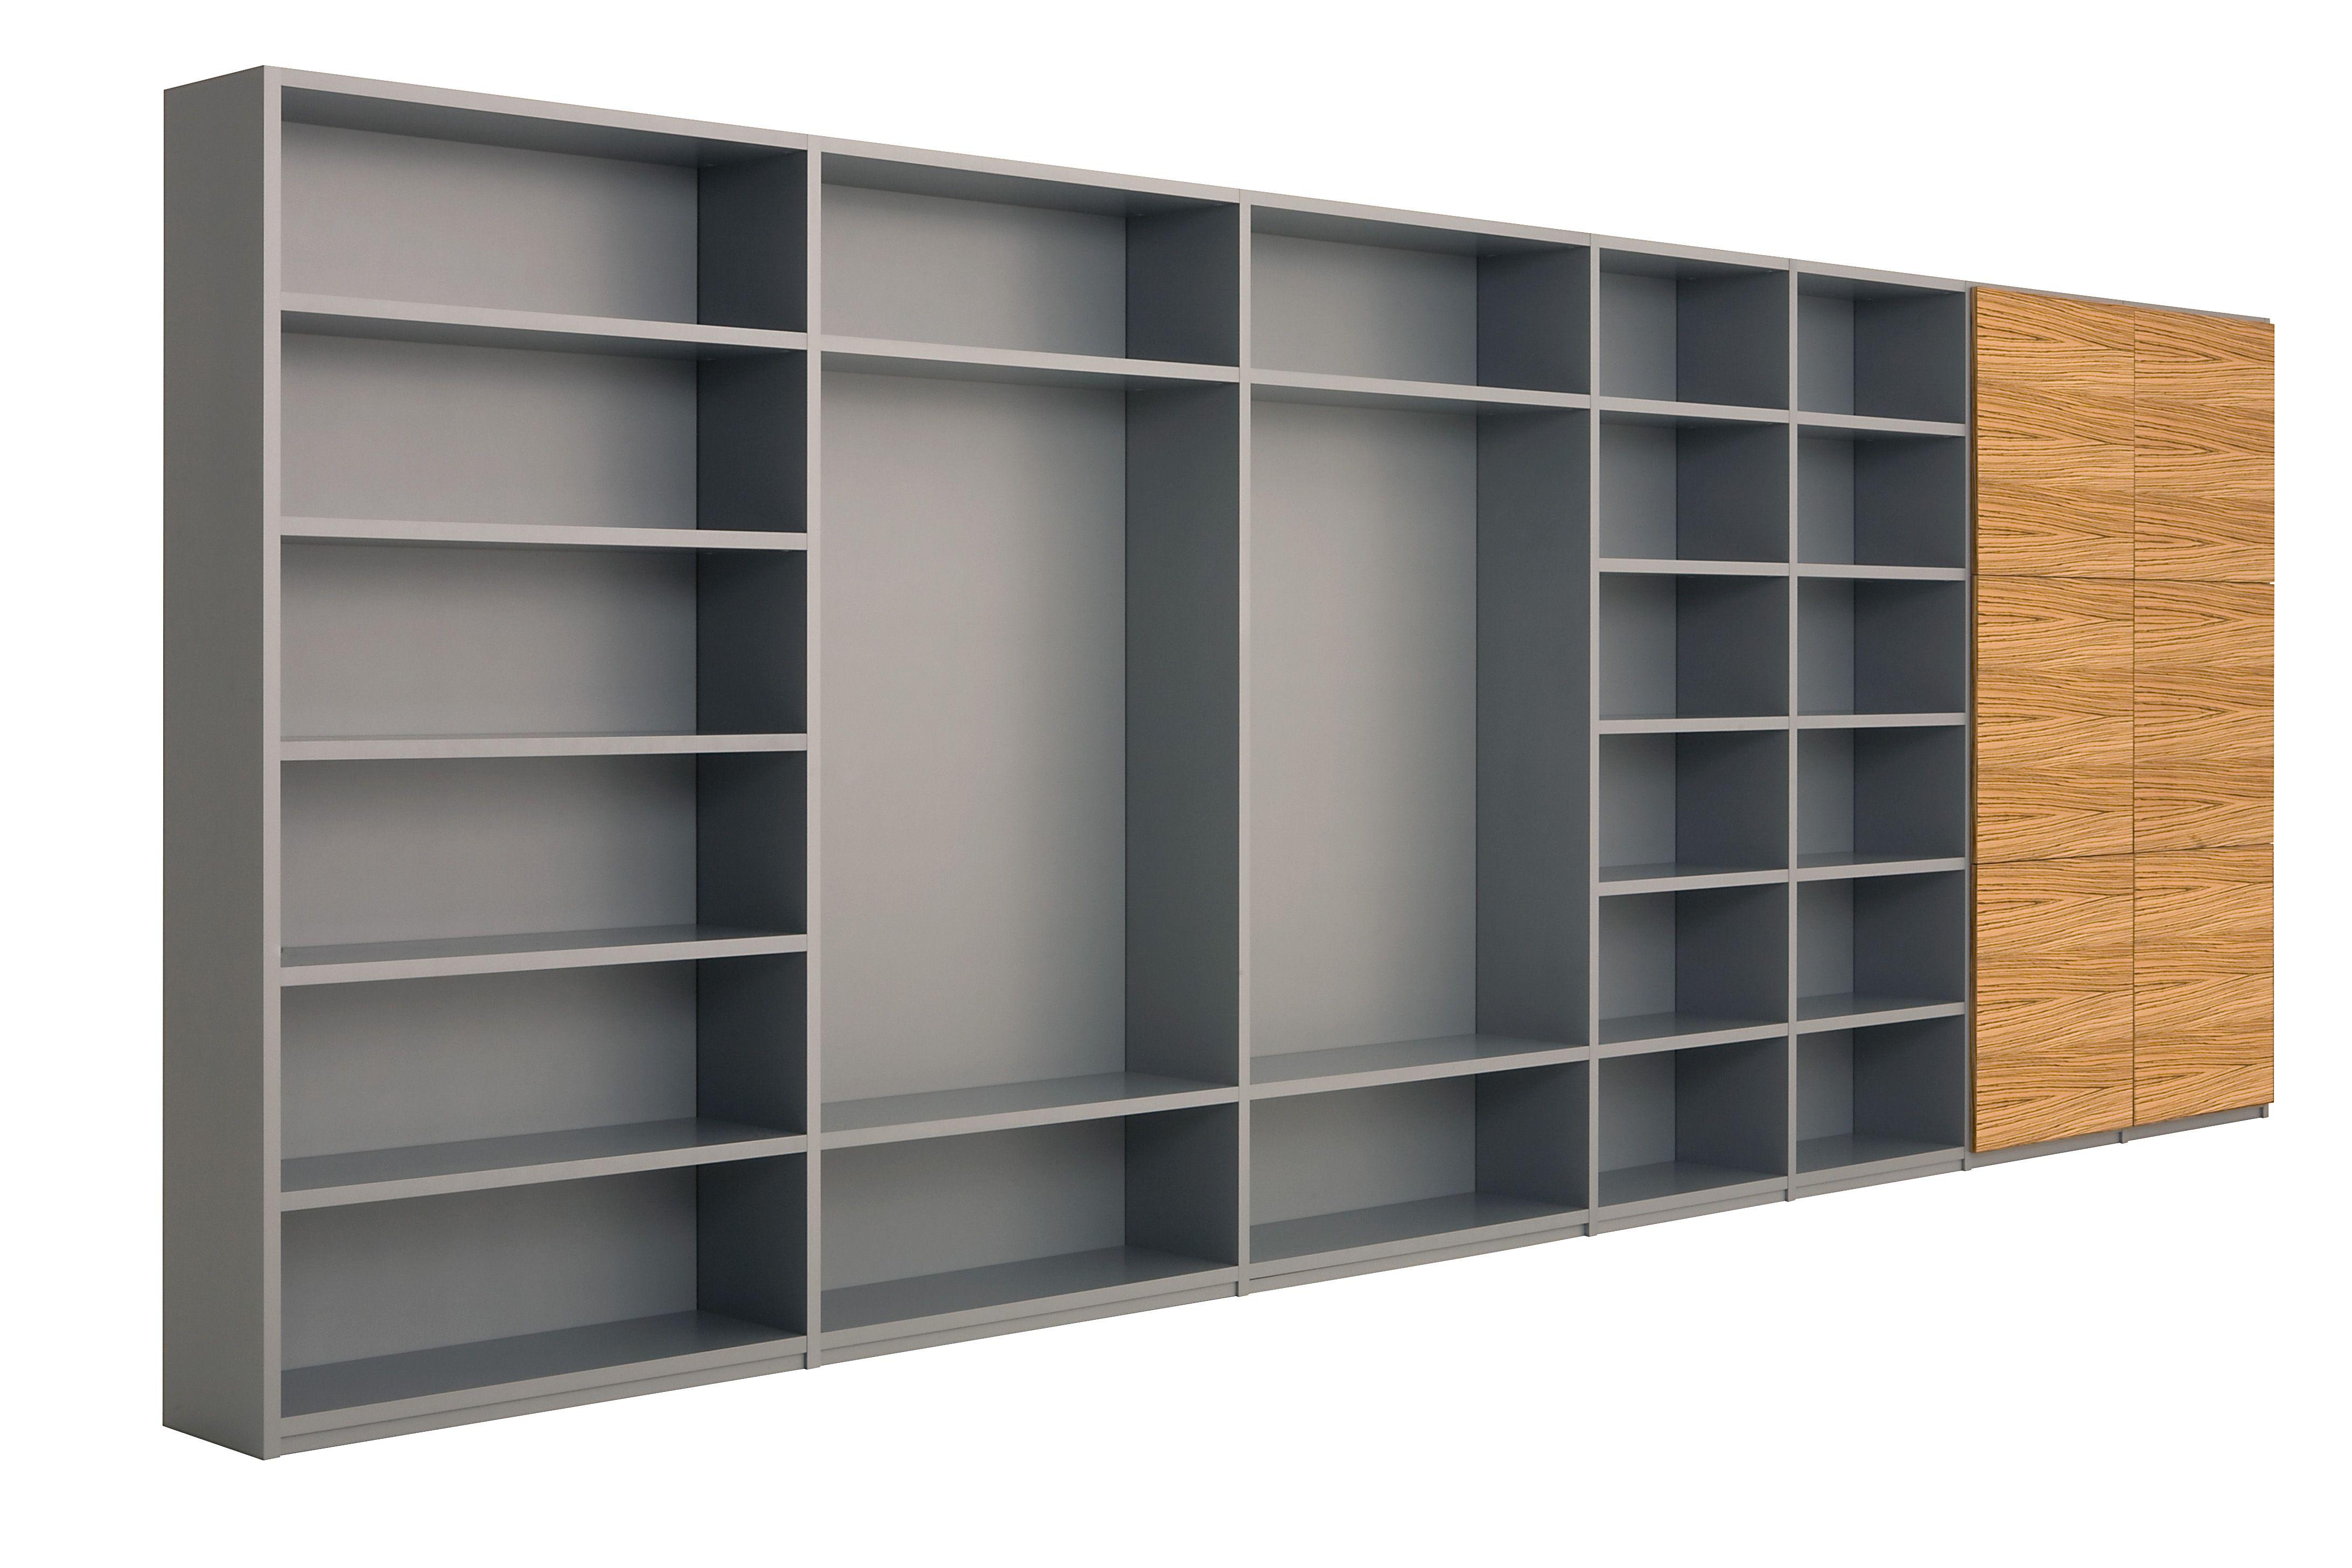 xxl container boekenkast met romp in aluminium kleurcoating deuren in zebrano blank gelakt